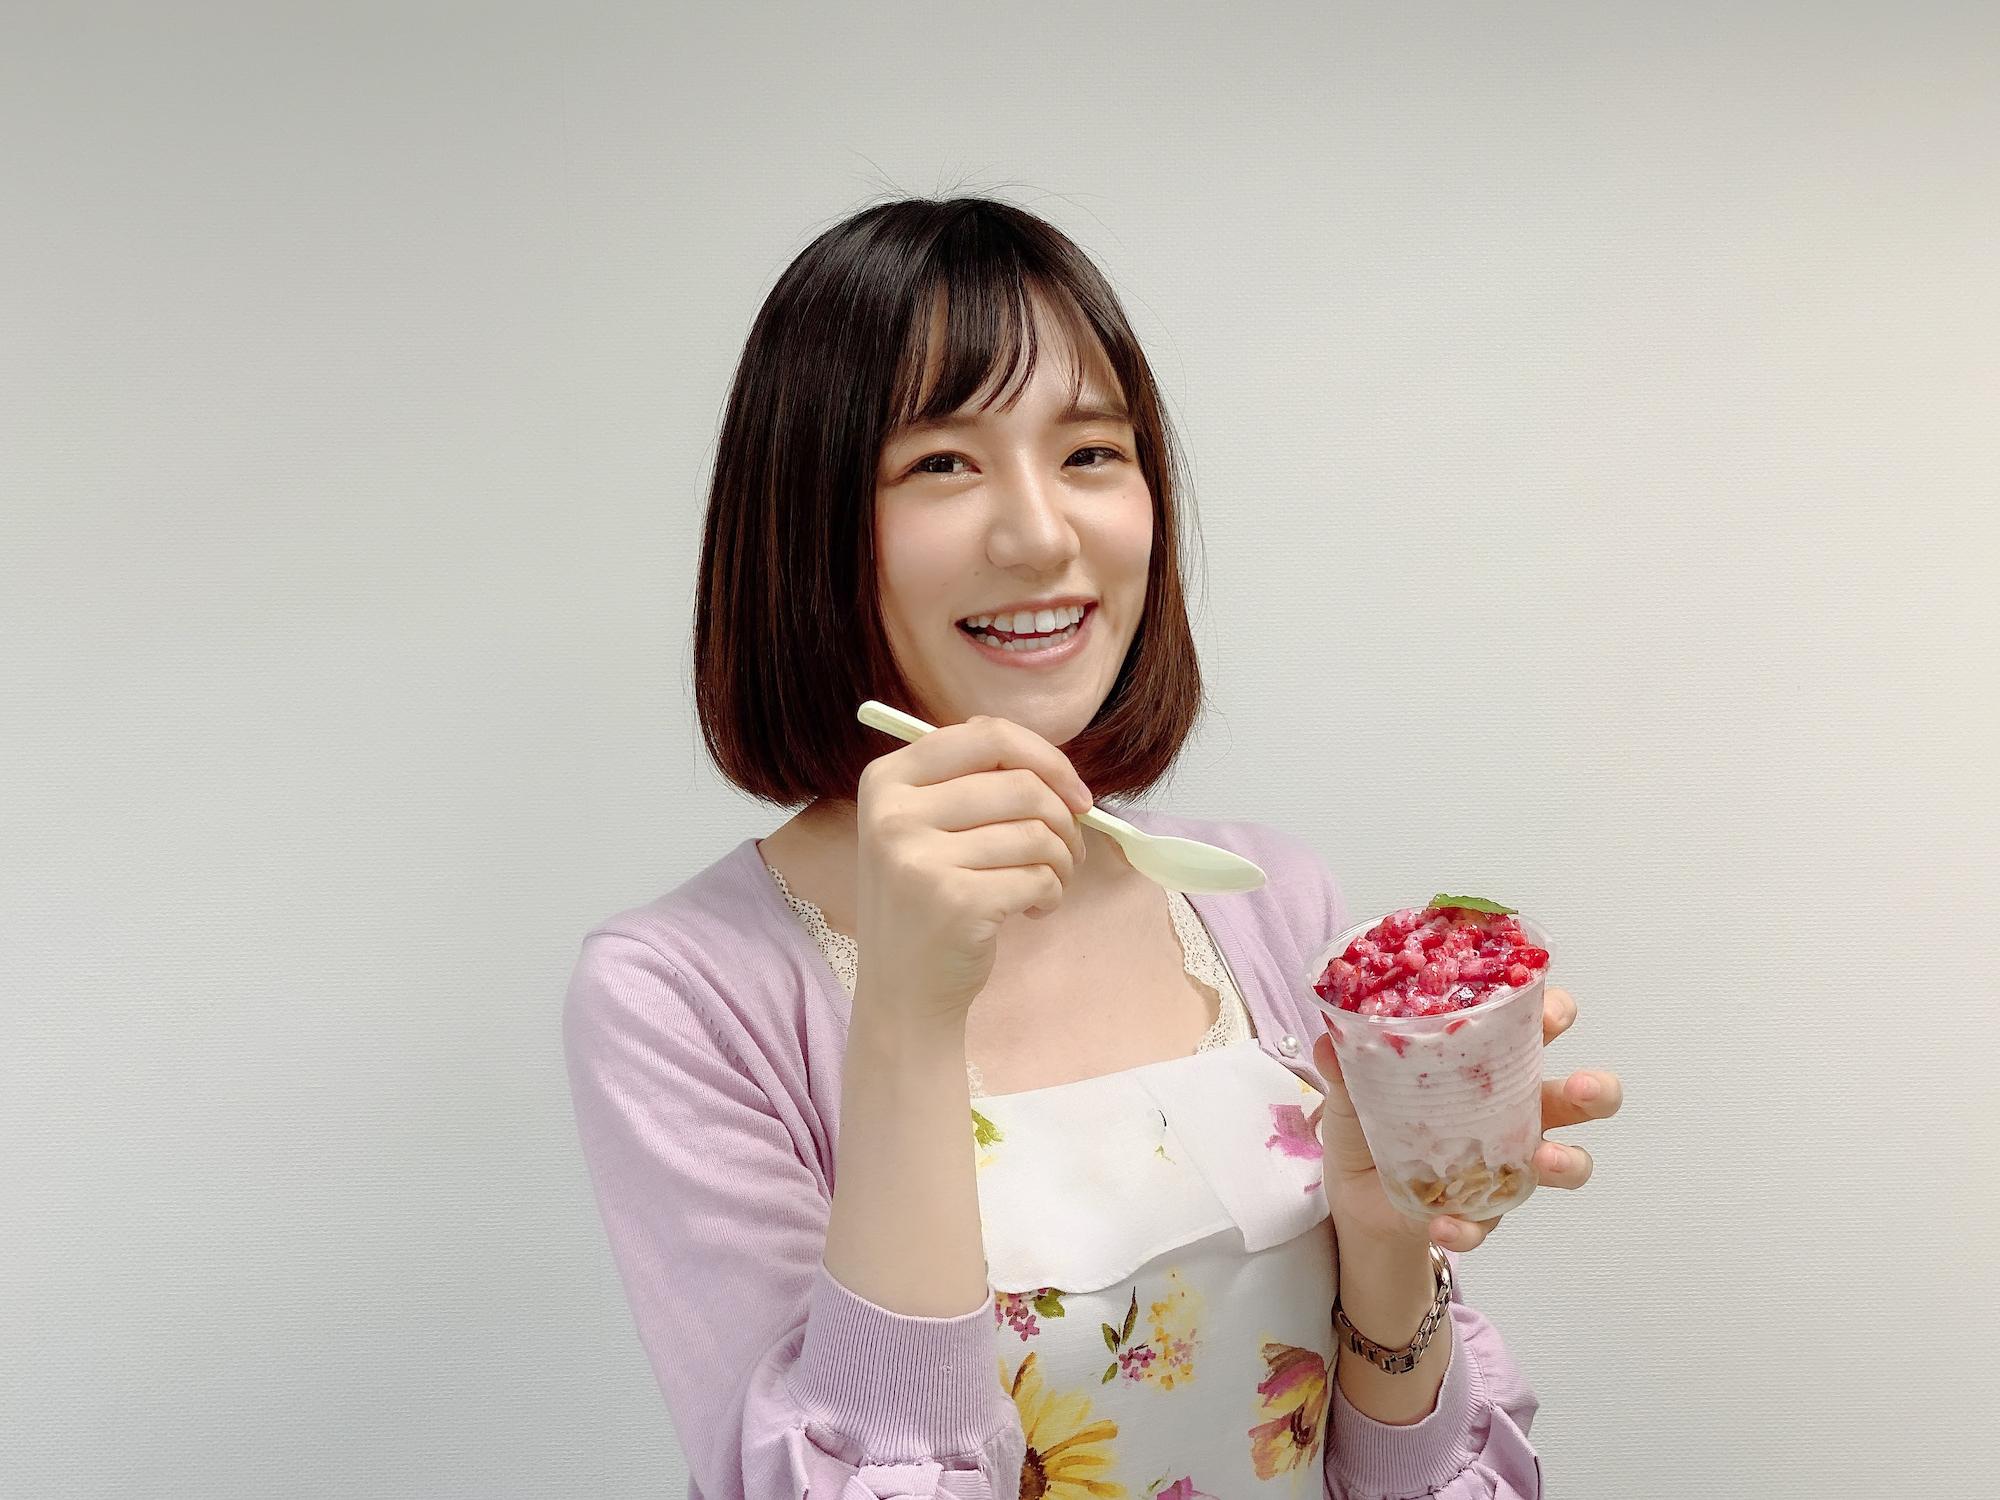 リポーターの青木菜奈さんが、ふわふわ牛乳かき氷 イチゴ味を食レポ/撮影:ACTRESS PRESS編集部(2020年8月)